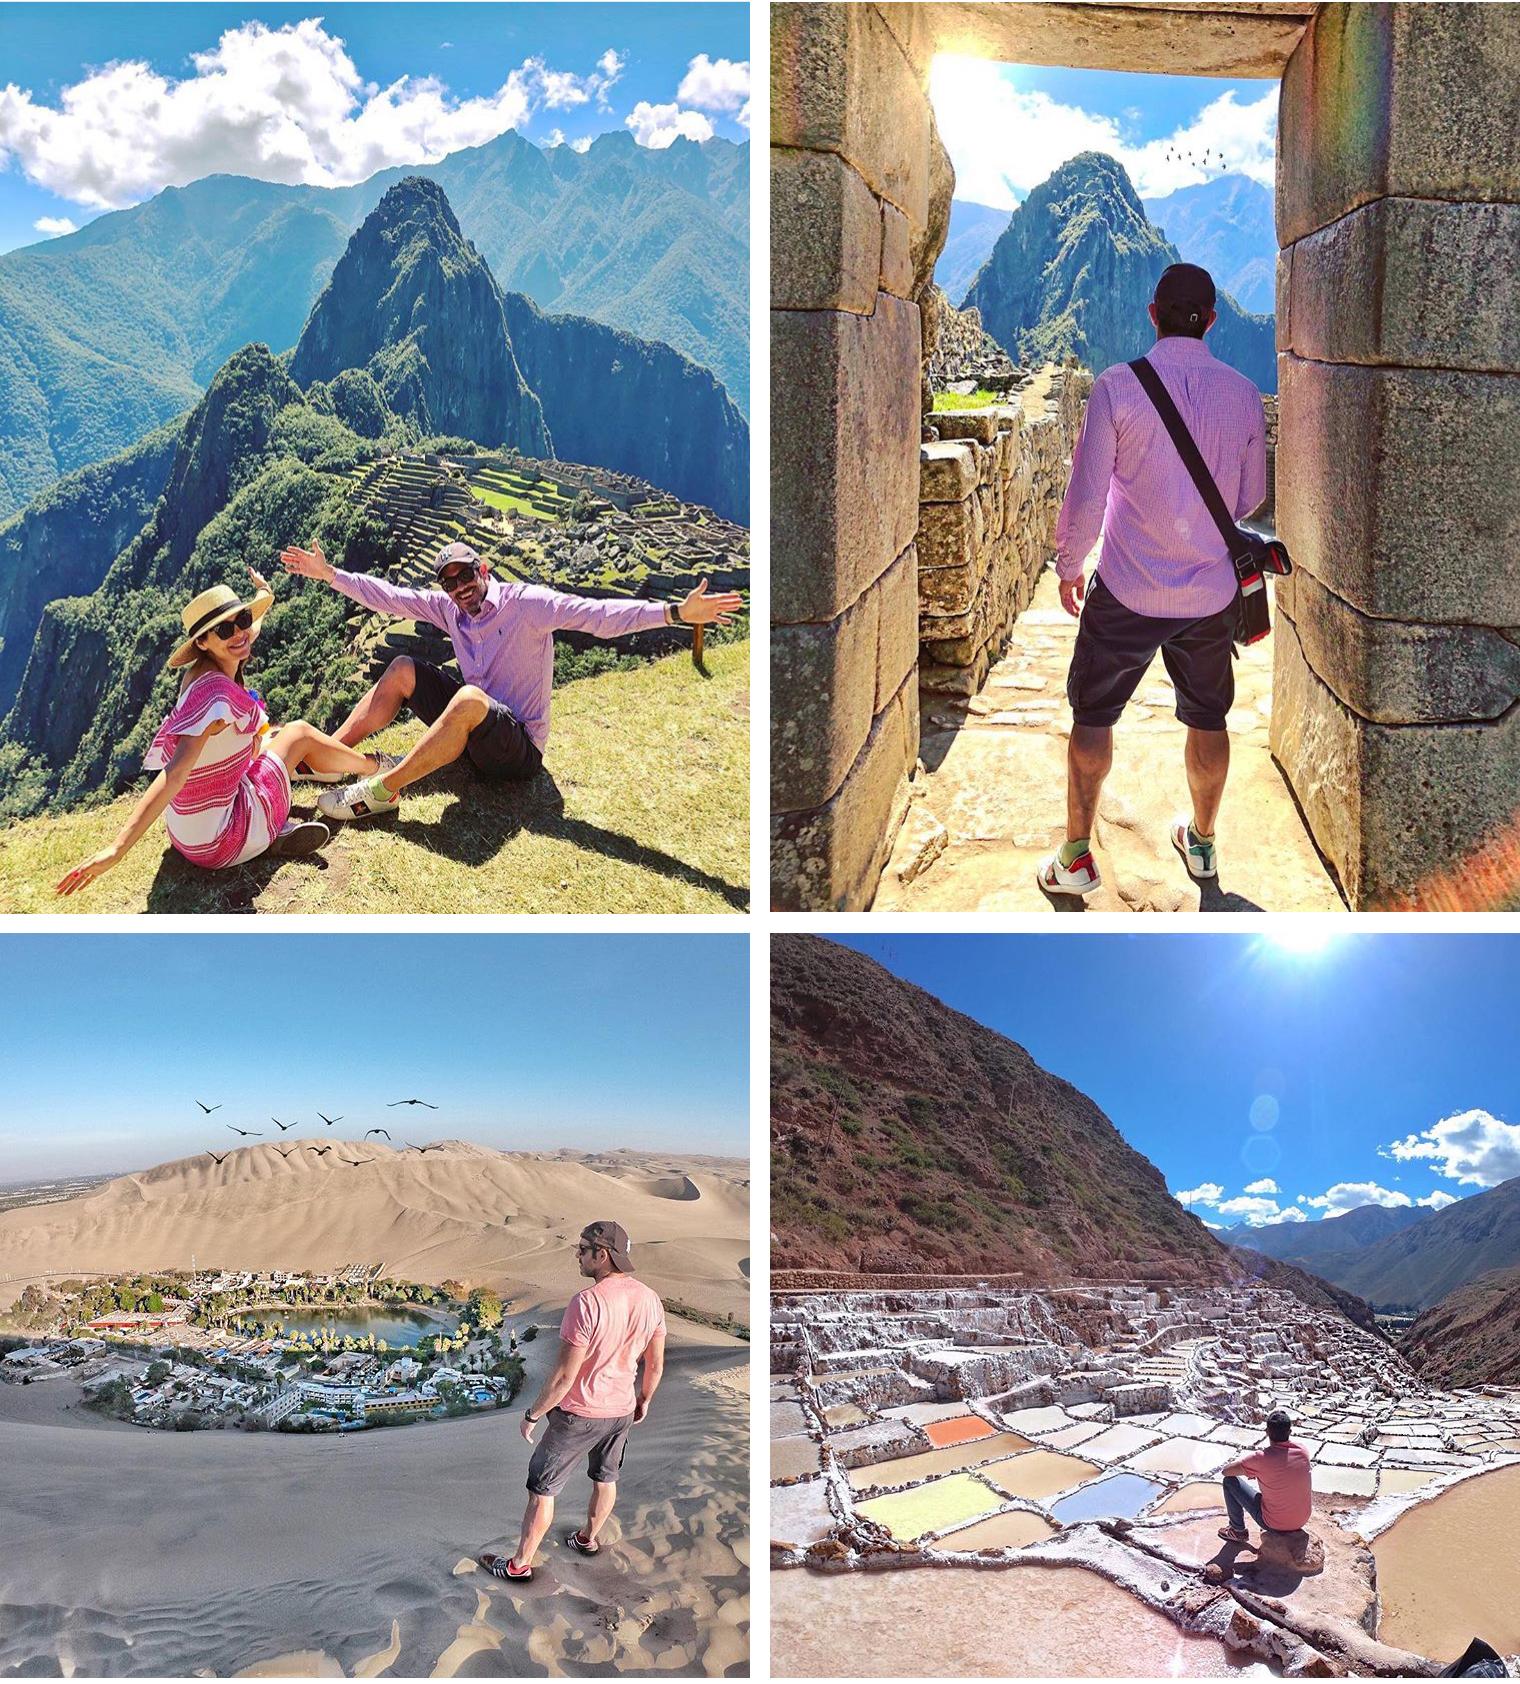 Memoria de viajes 2018 Viajes a Perú  - 45792597874 ec0bd5979d o - Memoria de Viajes 2018: El año de los Maratones